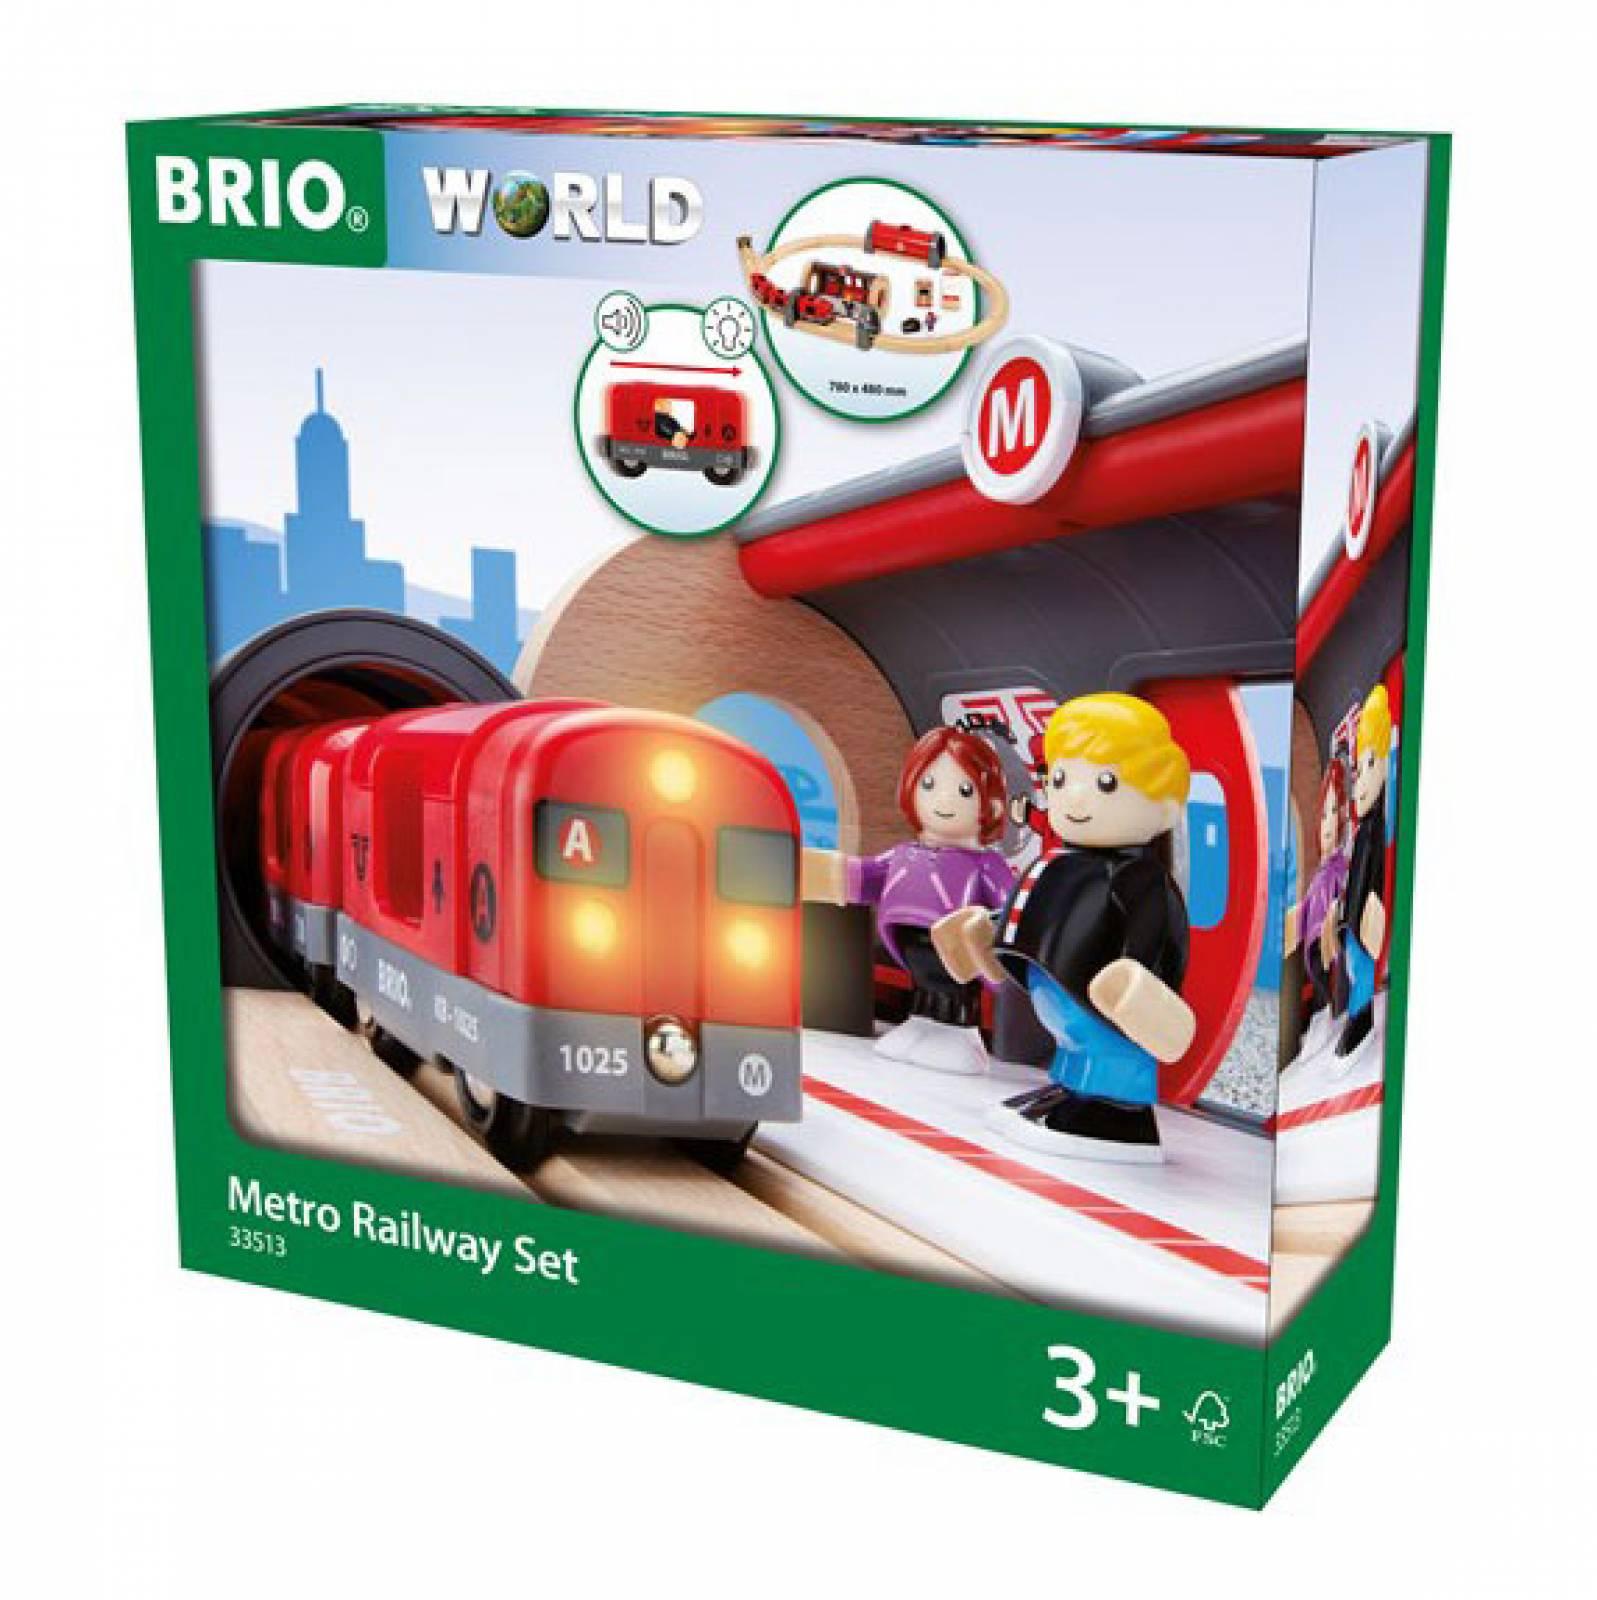 Metro Railway Set BRIO Wooden Railway Age 3+ thumbnails